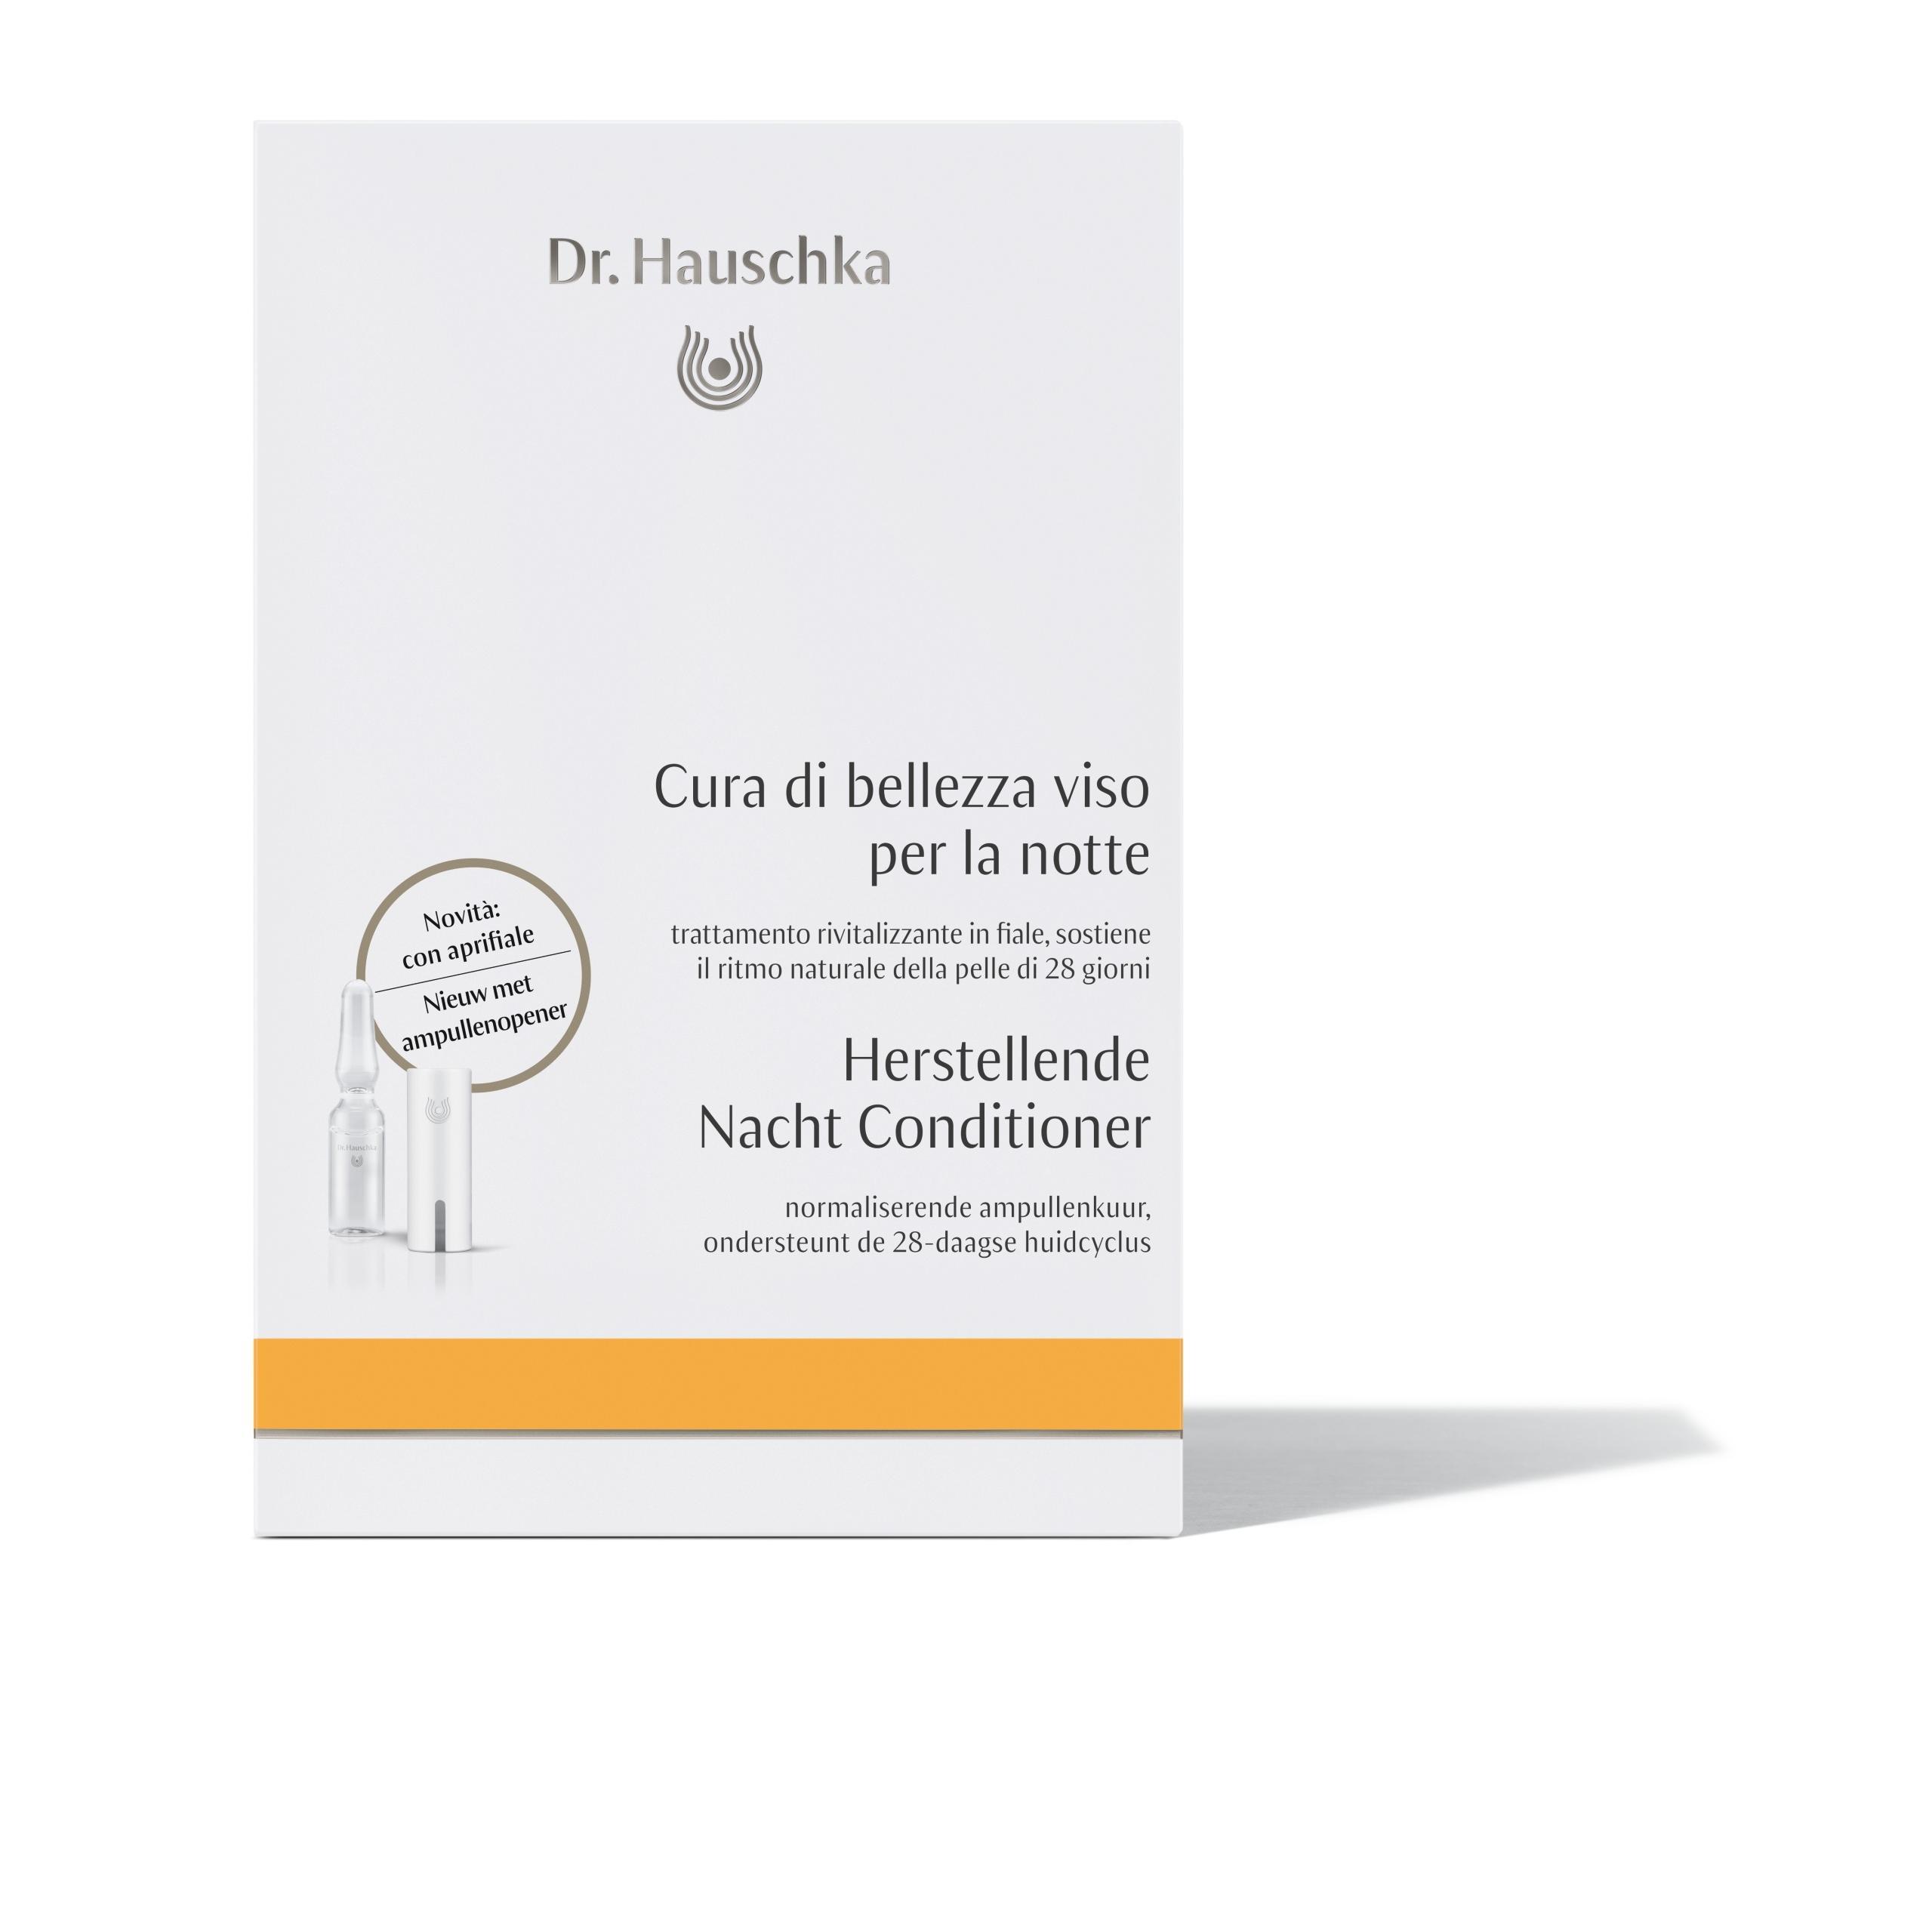 Dr Hauschka Herstellende Nacht Conditioner (voorheen: Huidconditioner N) 50 ml